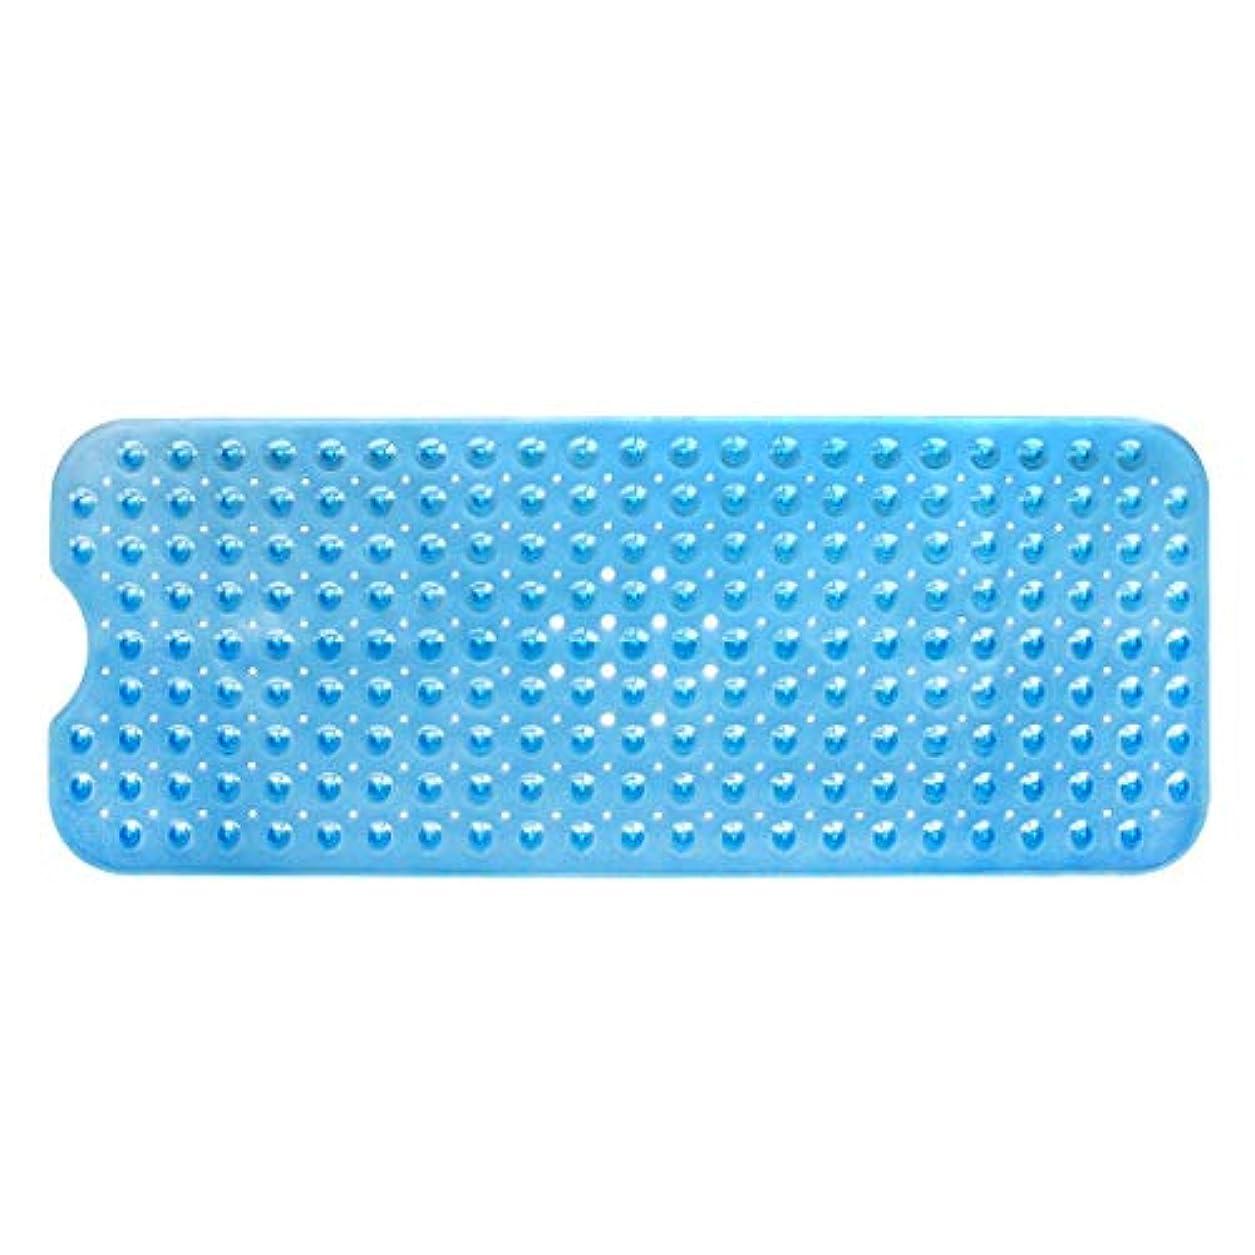 壮大な糞専門化するSwiftgood エクストラロングバスタブマットカビ抵抗性滑り止めバスマット洗濯機用浴室用洗えるPVCシャワーマット15.7